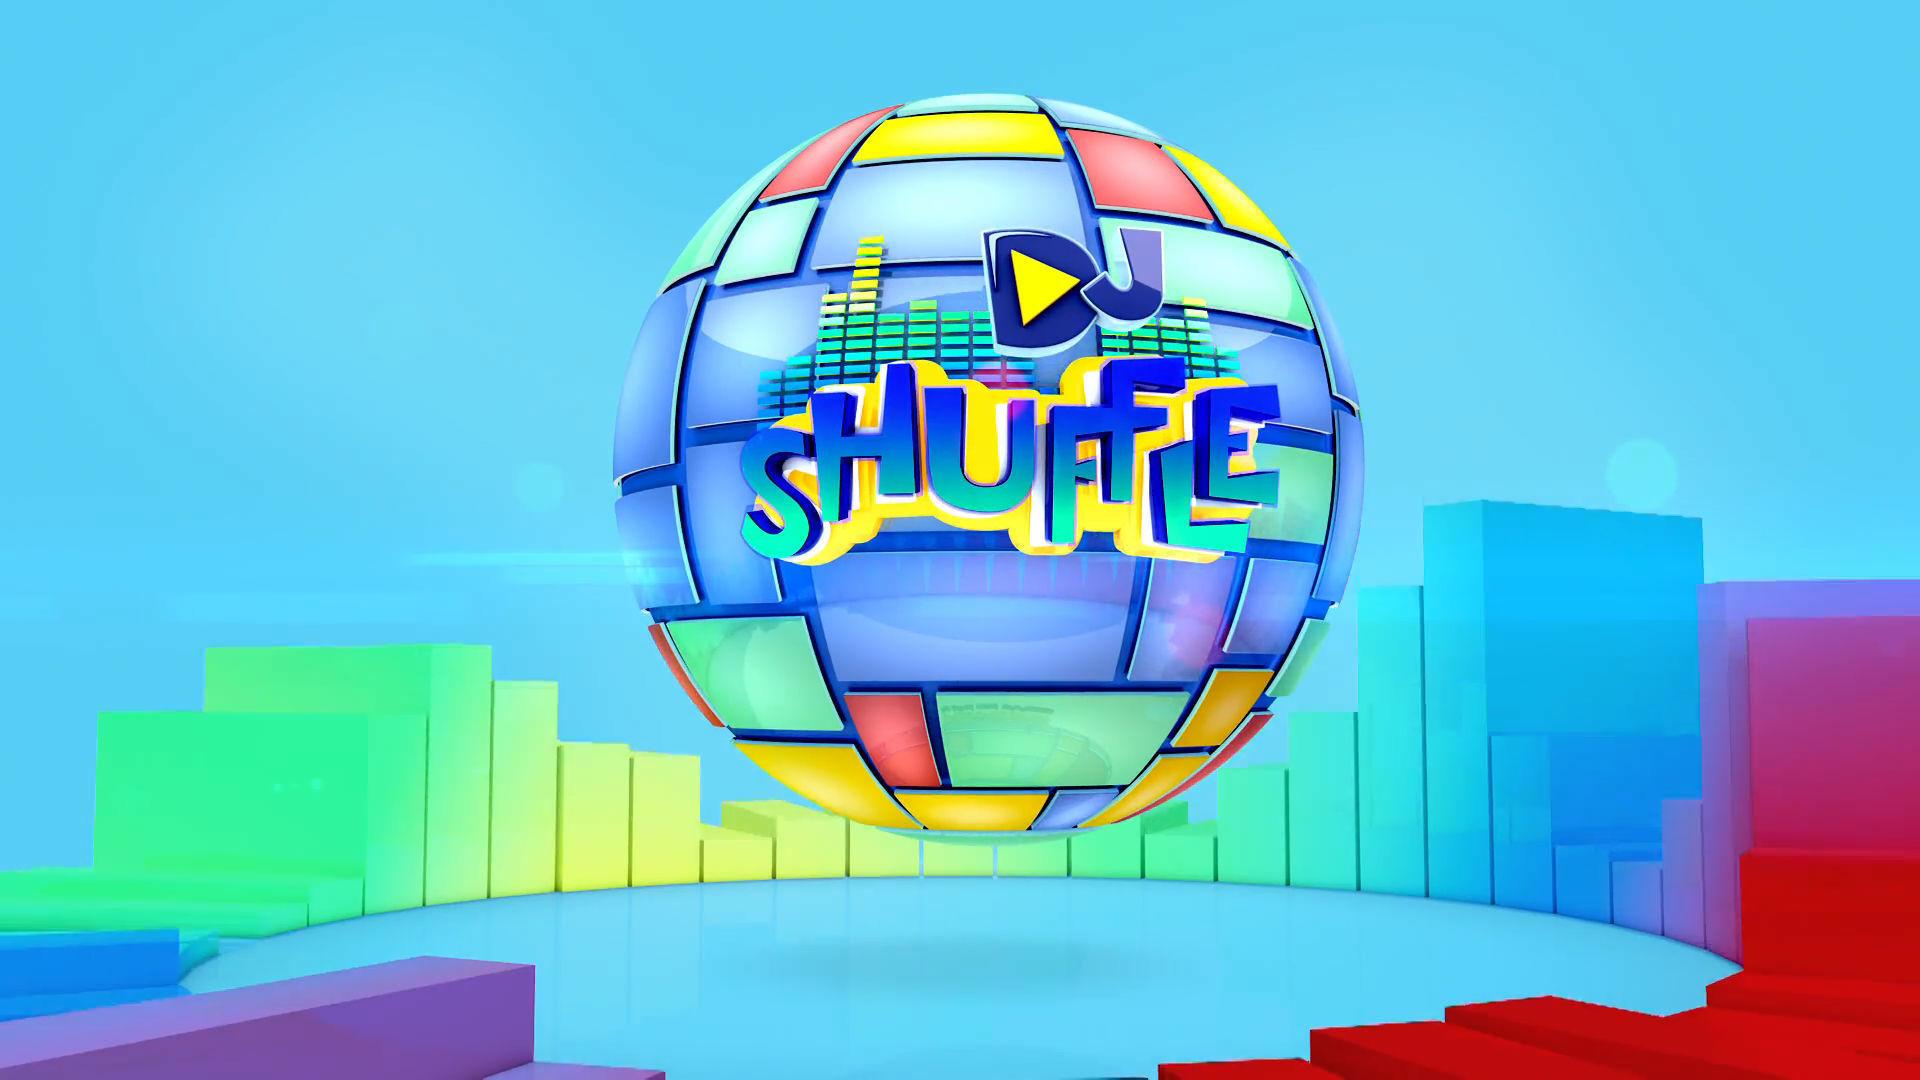 DJ Shuffle Song